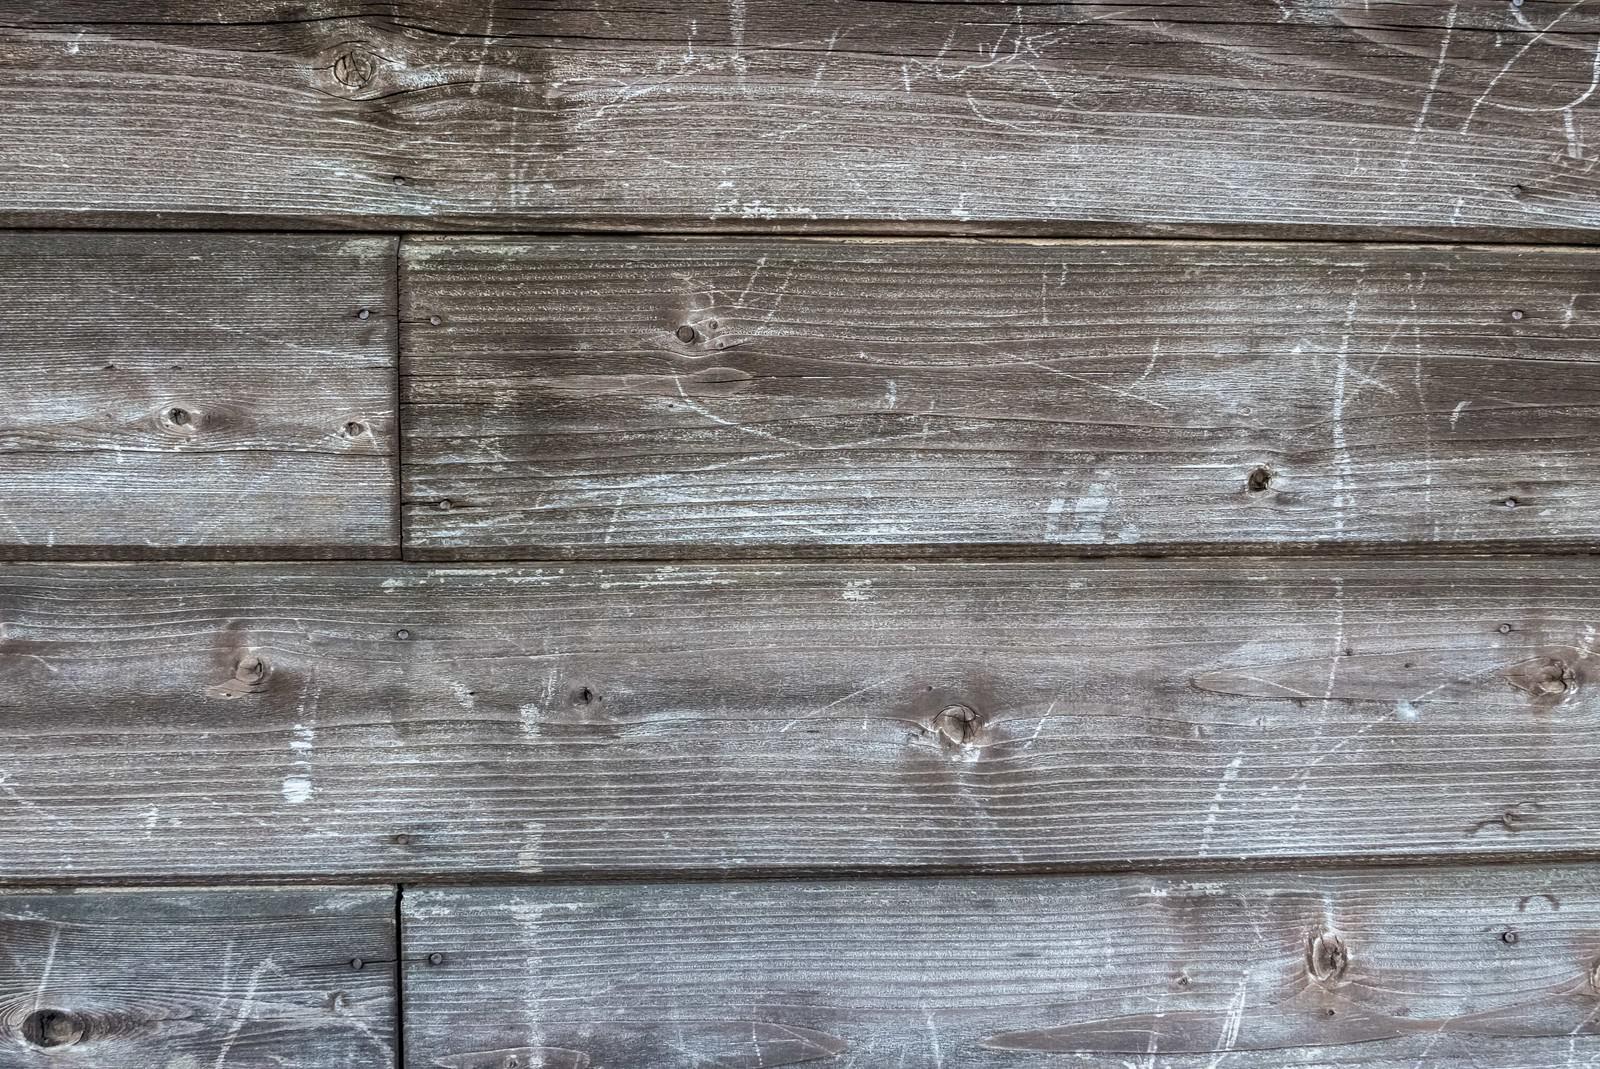 「傷が残る木造の壁(テクスチャー)傷が残る木造の壁(テクスチャー)」のフリー写真素材を拡大